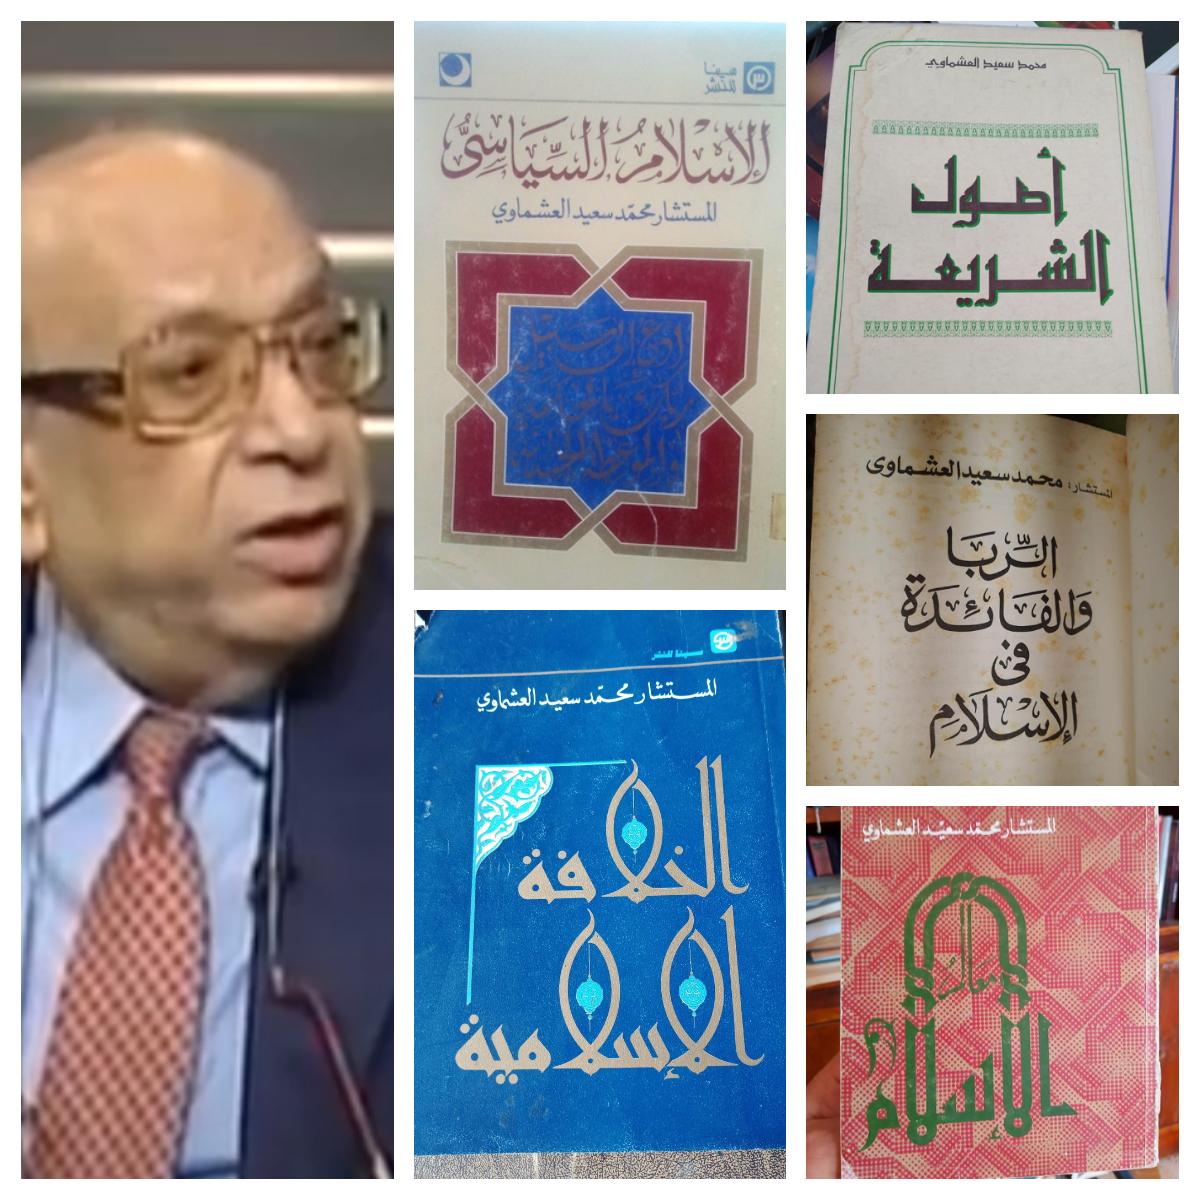 محمد سعيد العشماوي وكتبه الخمسة